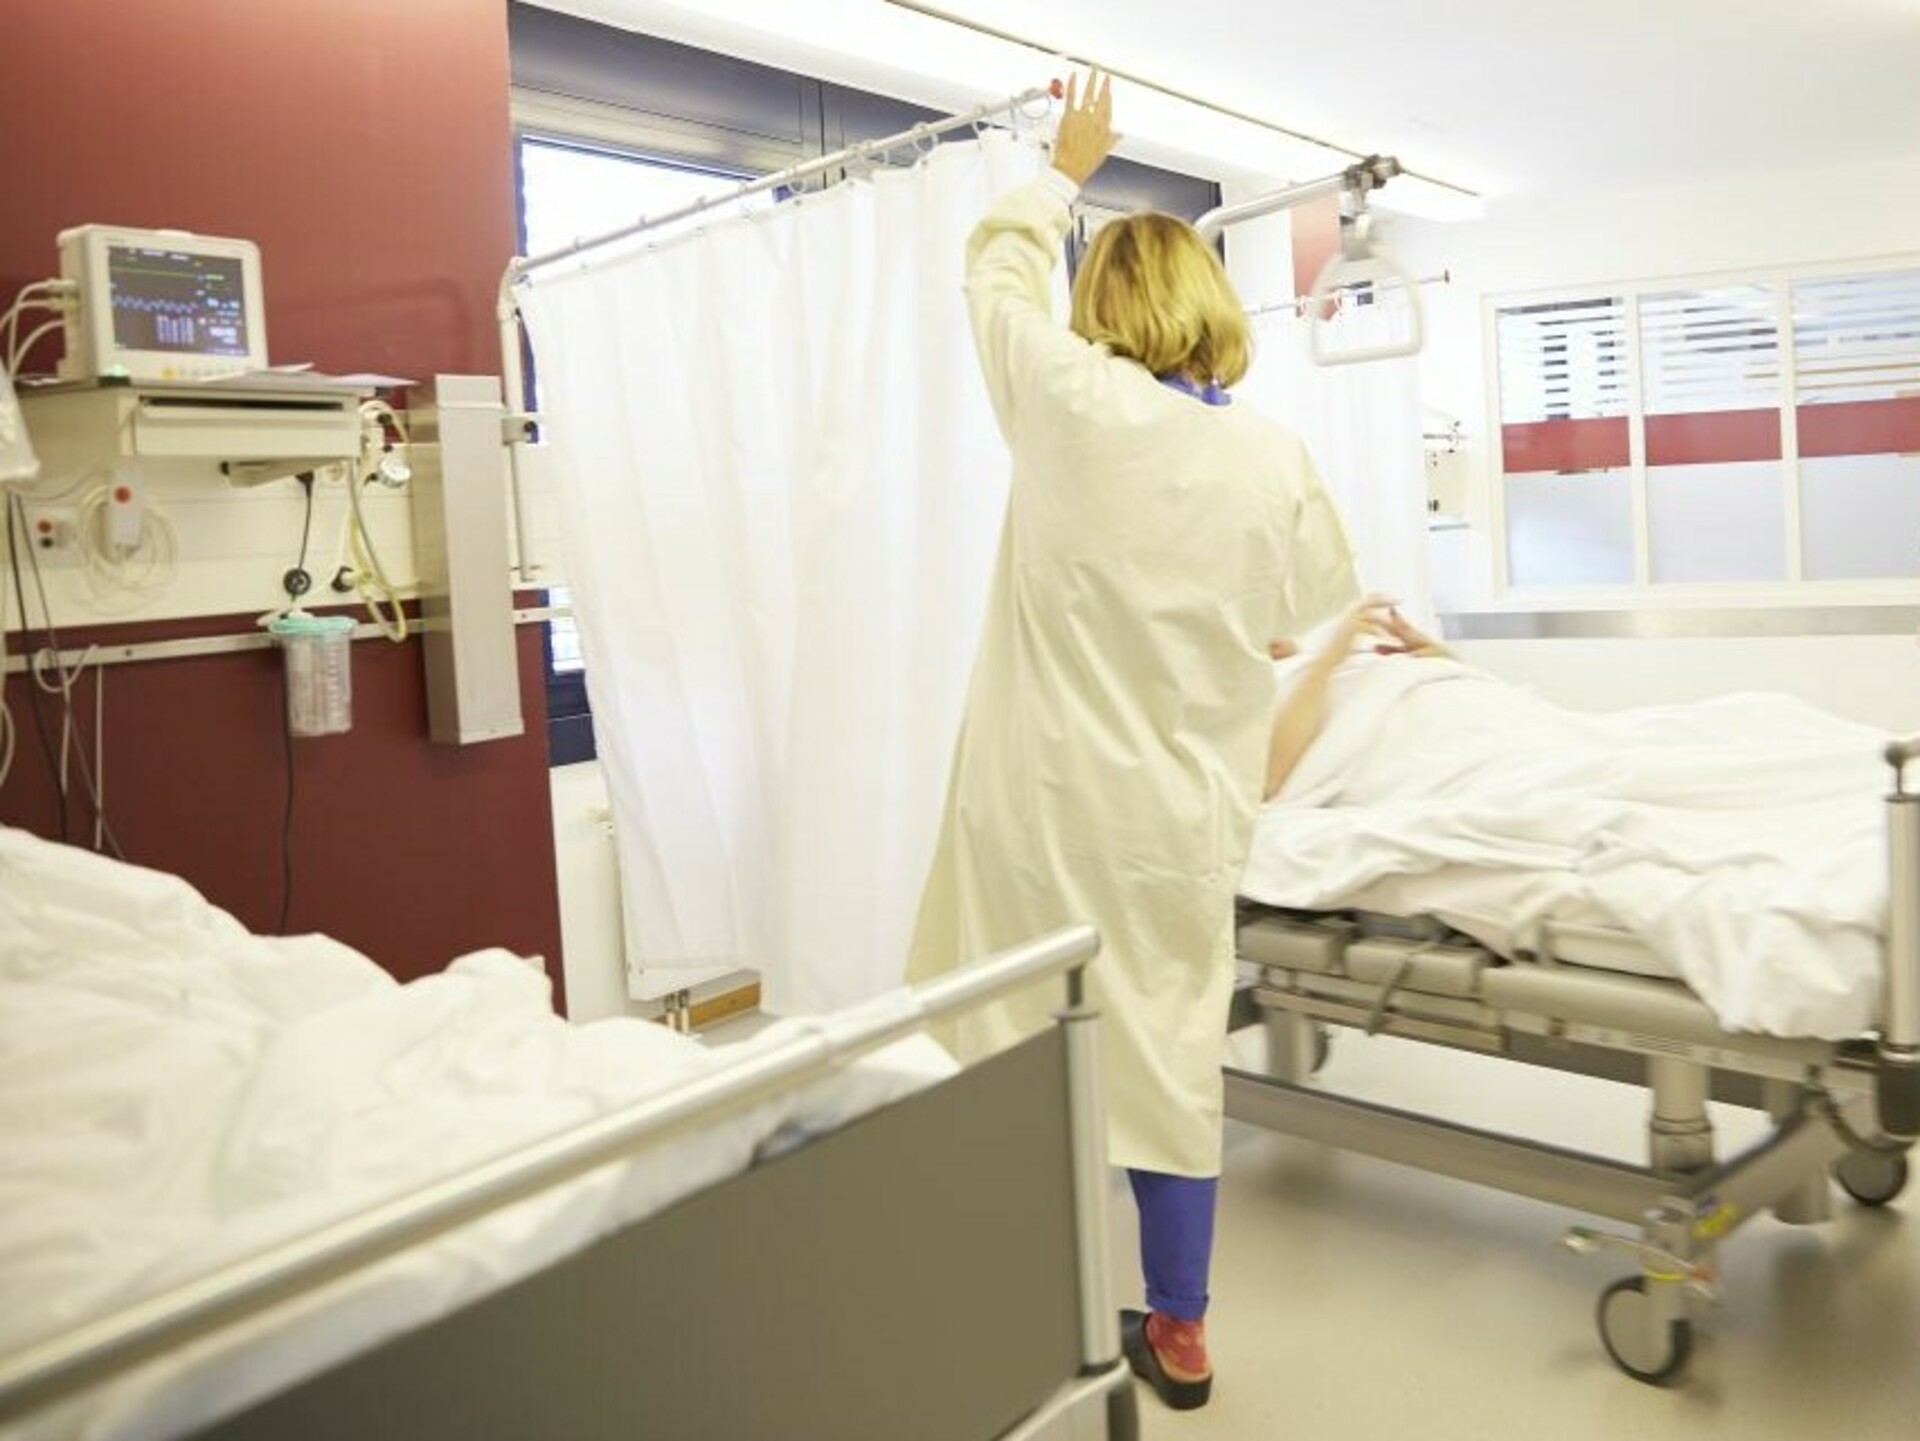 Patientenzimmer KLINIK AM RING: Aufwachraum